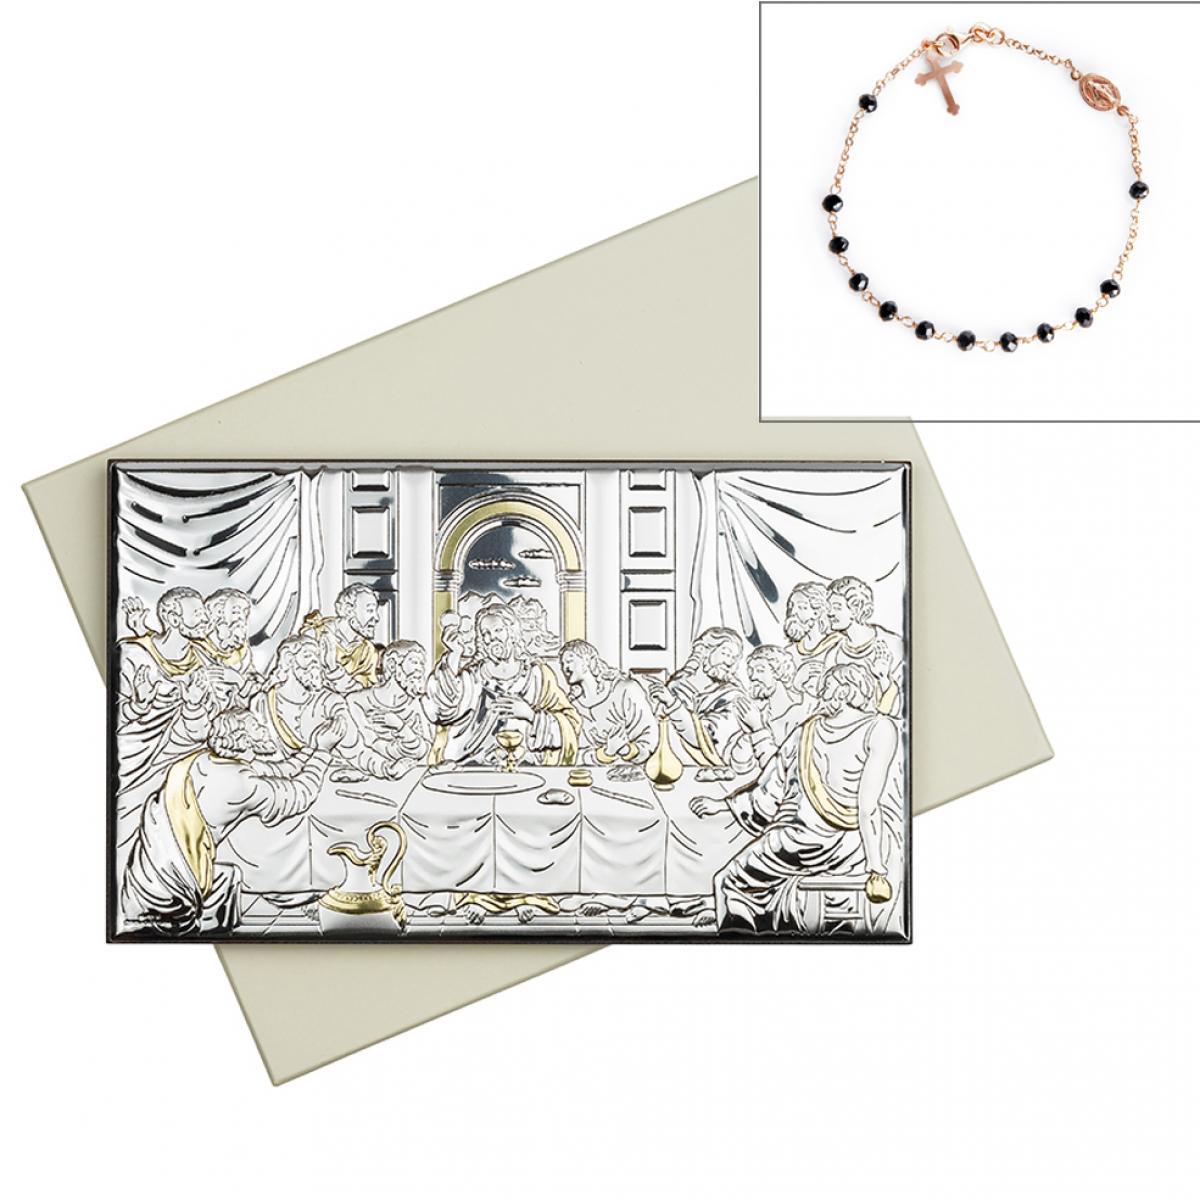 Подарунковий набір ``Ікона срібна``Тайна Вечеря`` та браслет-вервиця``